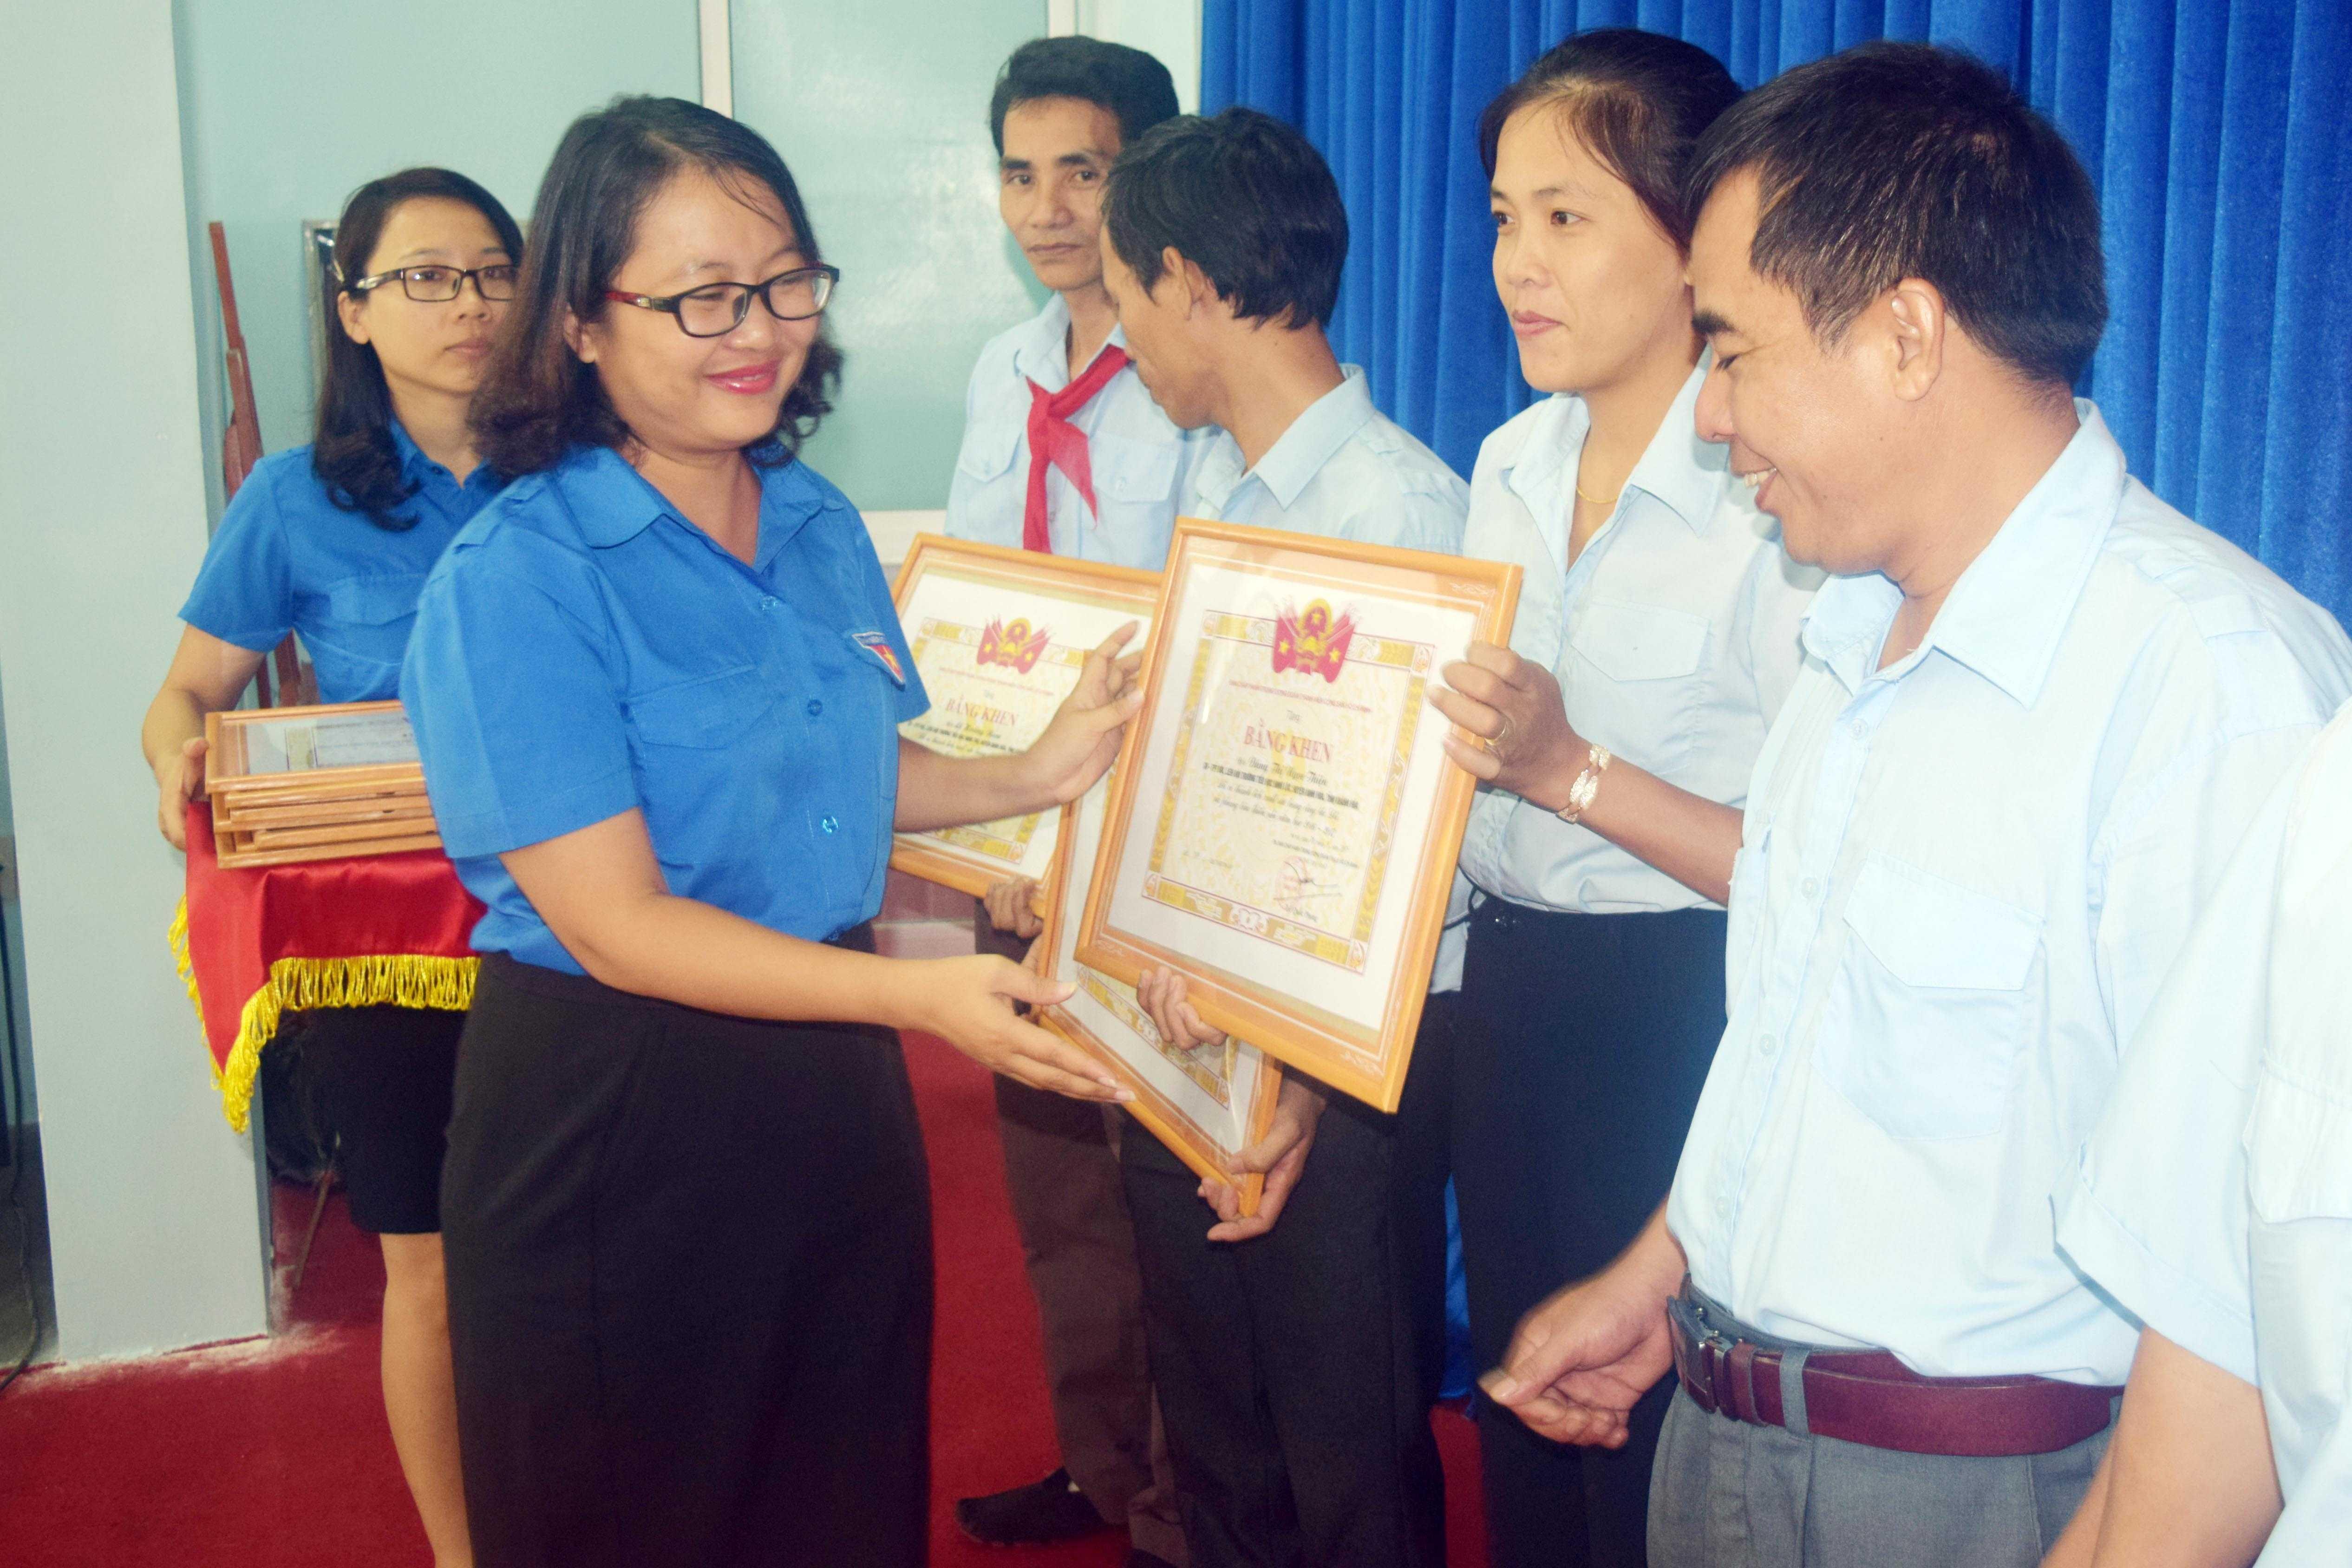 images 2017 hoi dong doi tinh tong ket 2016 2017 dsc 0178 76c7a - 22 tập thể, 22 cá nhân được Trung ương Đoàn tặng bằng khen vì có thành tích xuất sắc trong hoạt động công tác Đội và phong trào thiếu nhi năm học 2016-2017